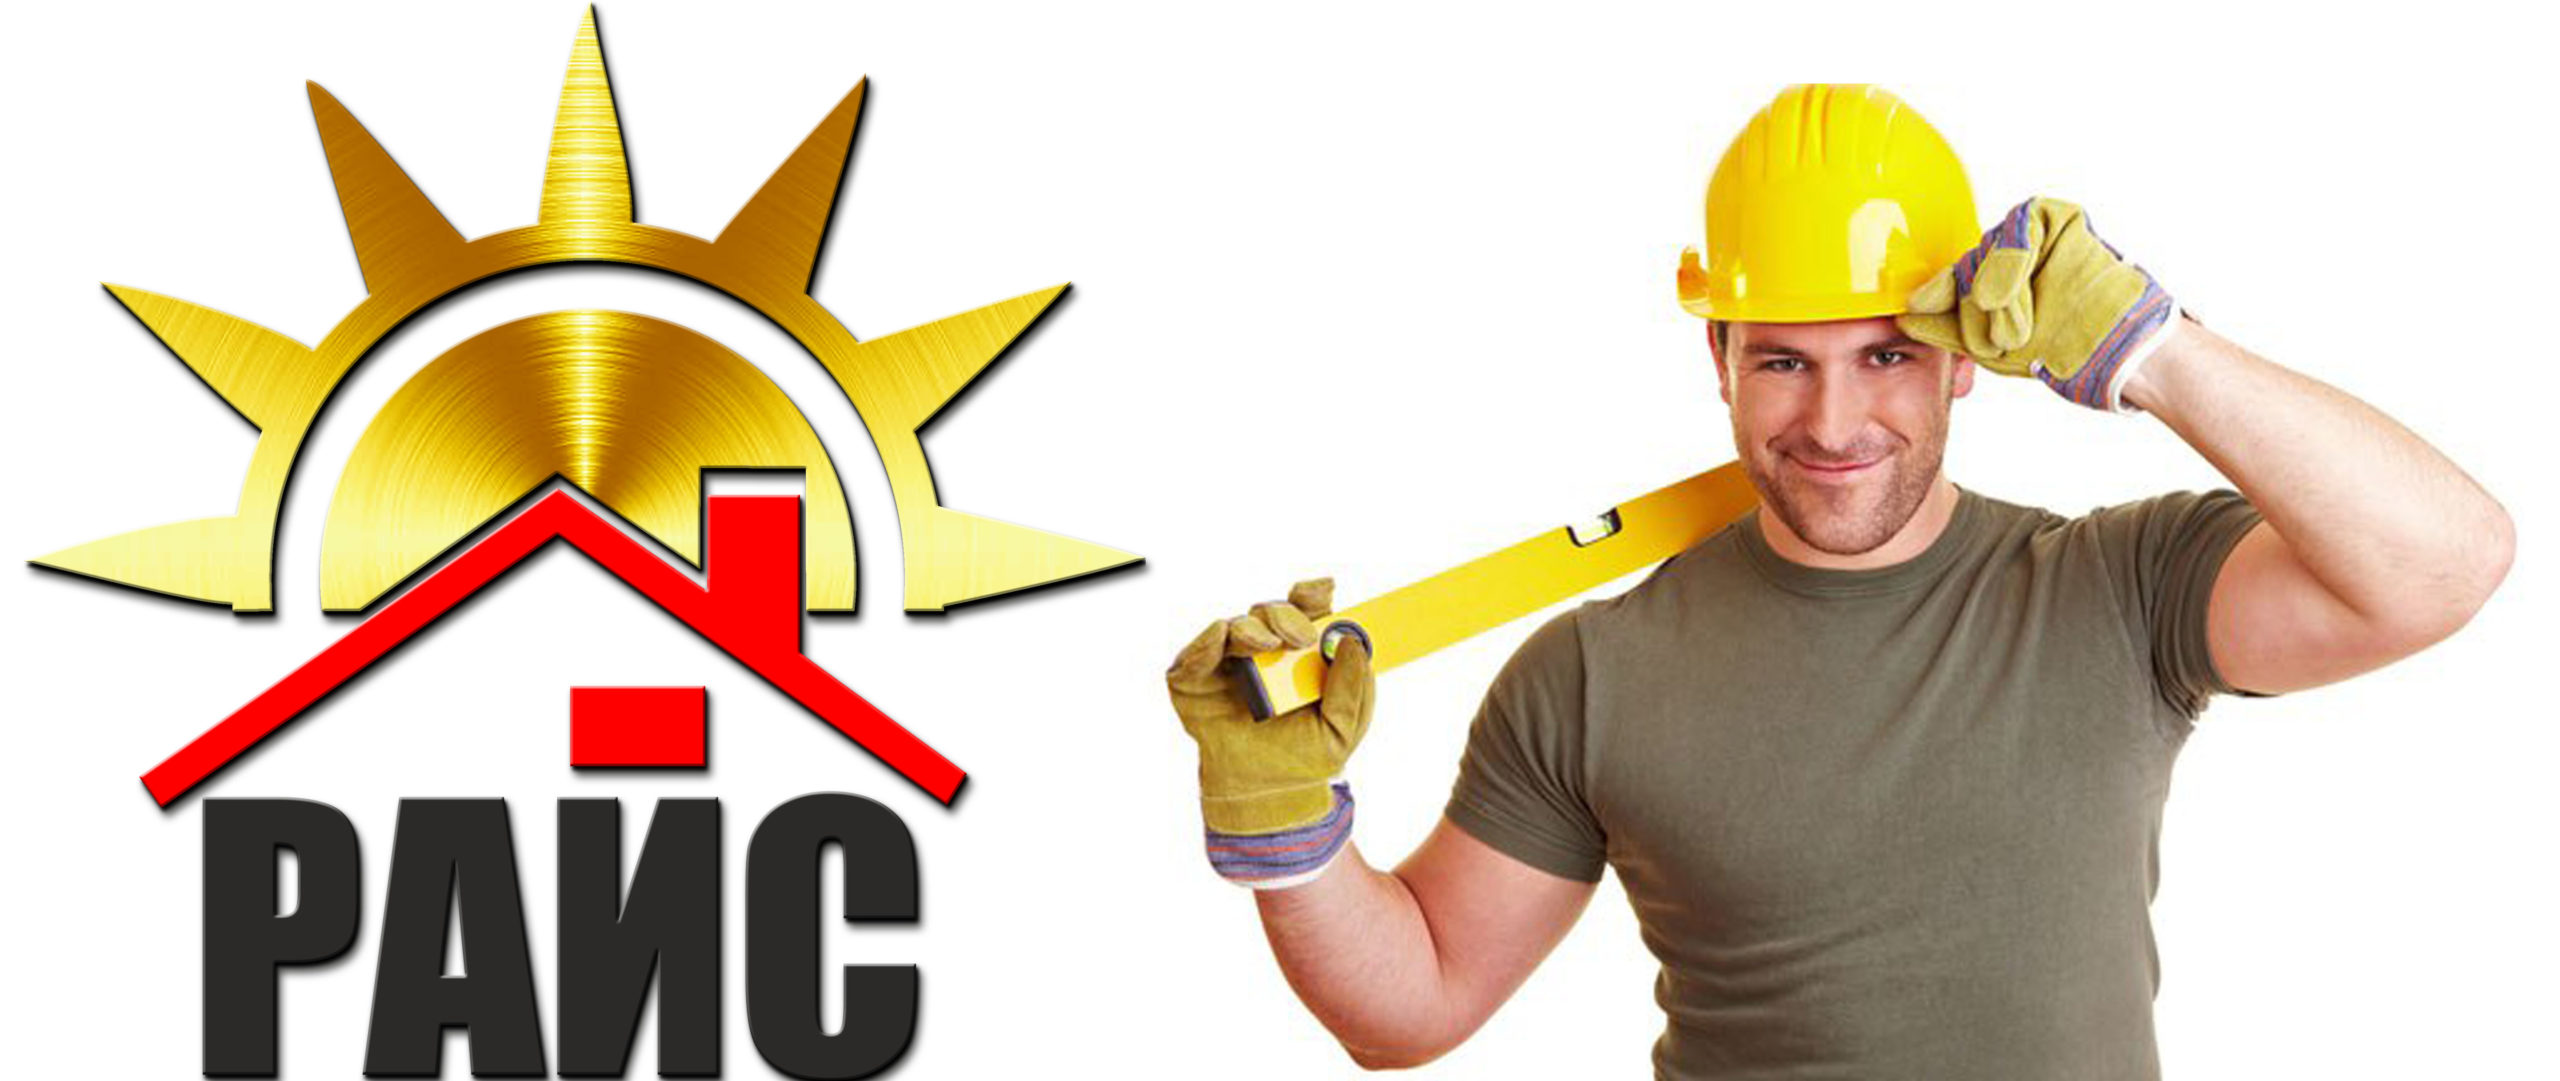 РАЙС-Строительство и ремонт